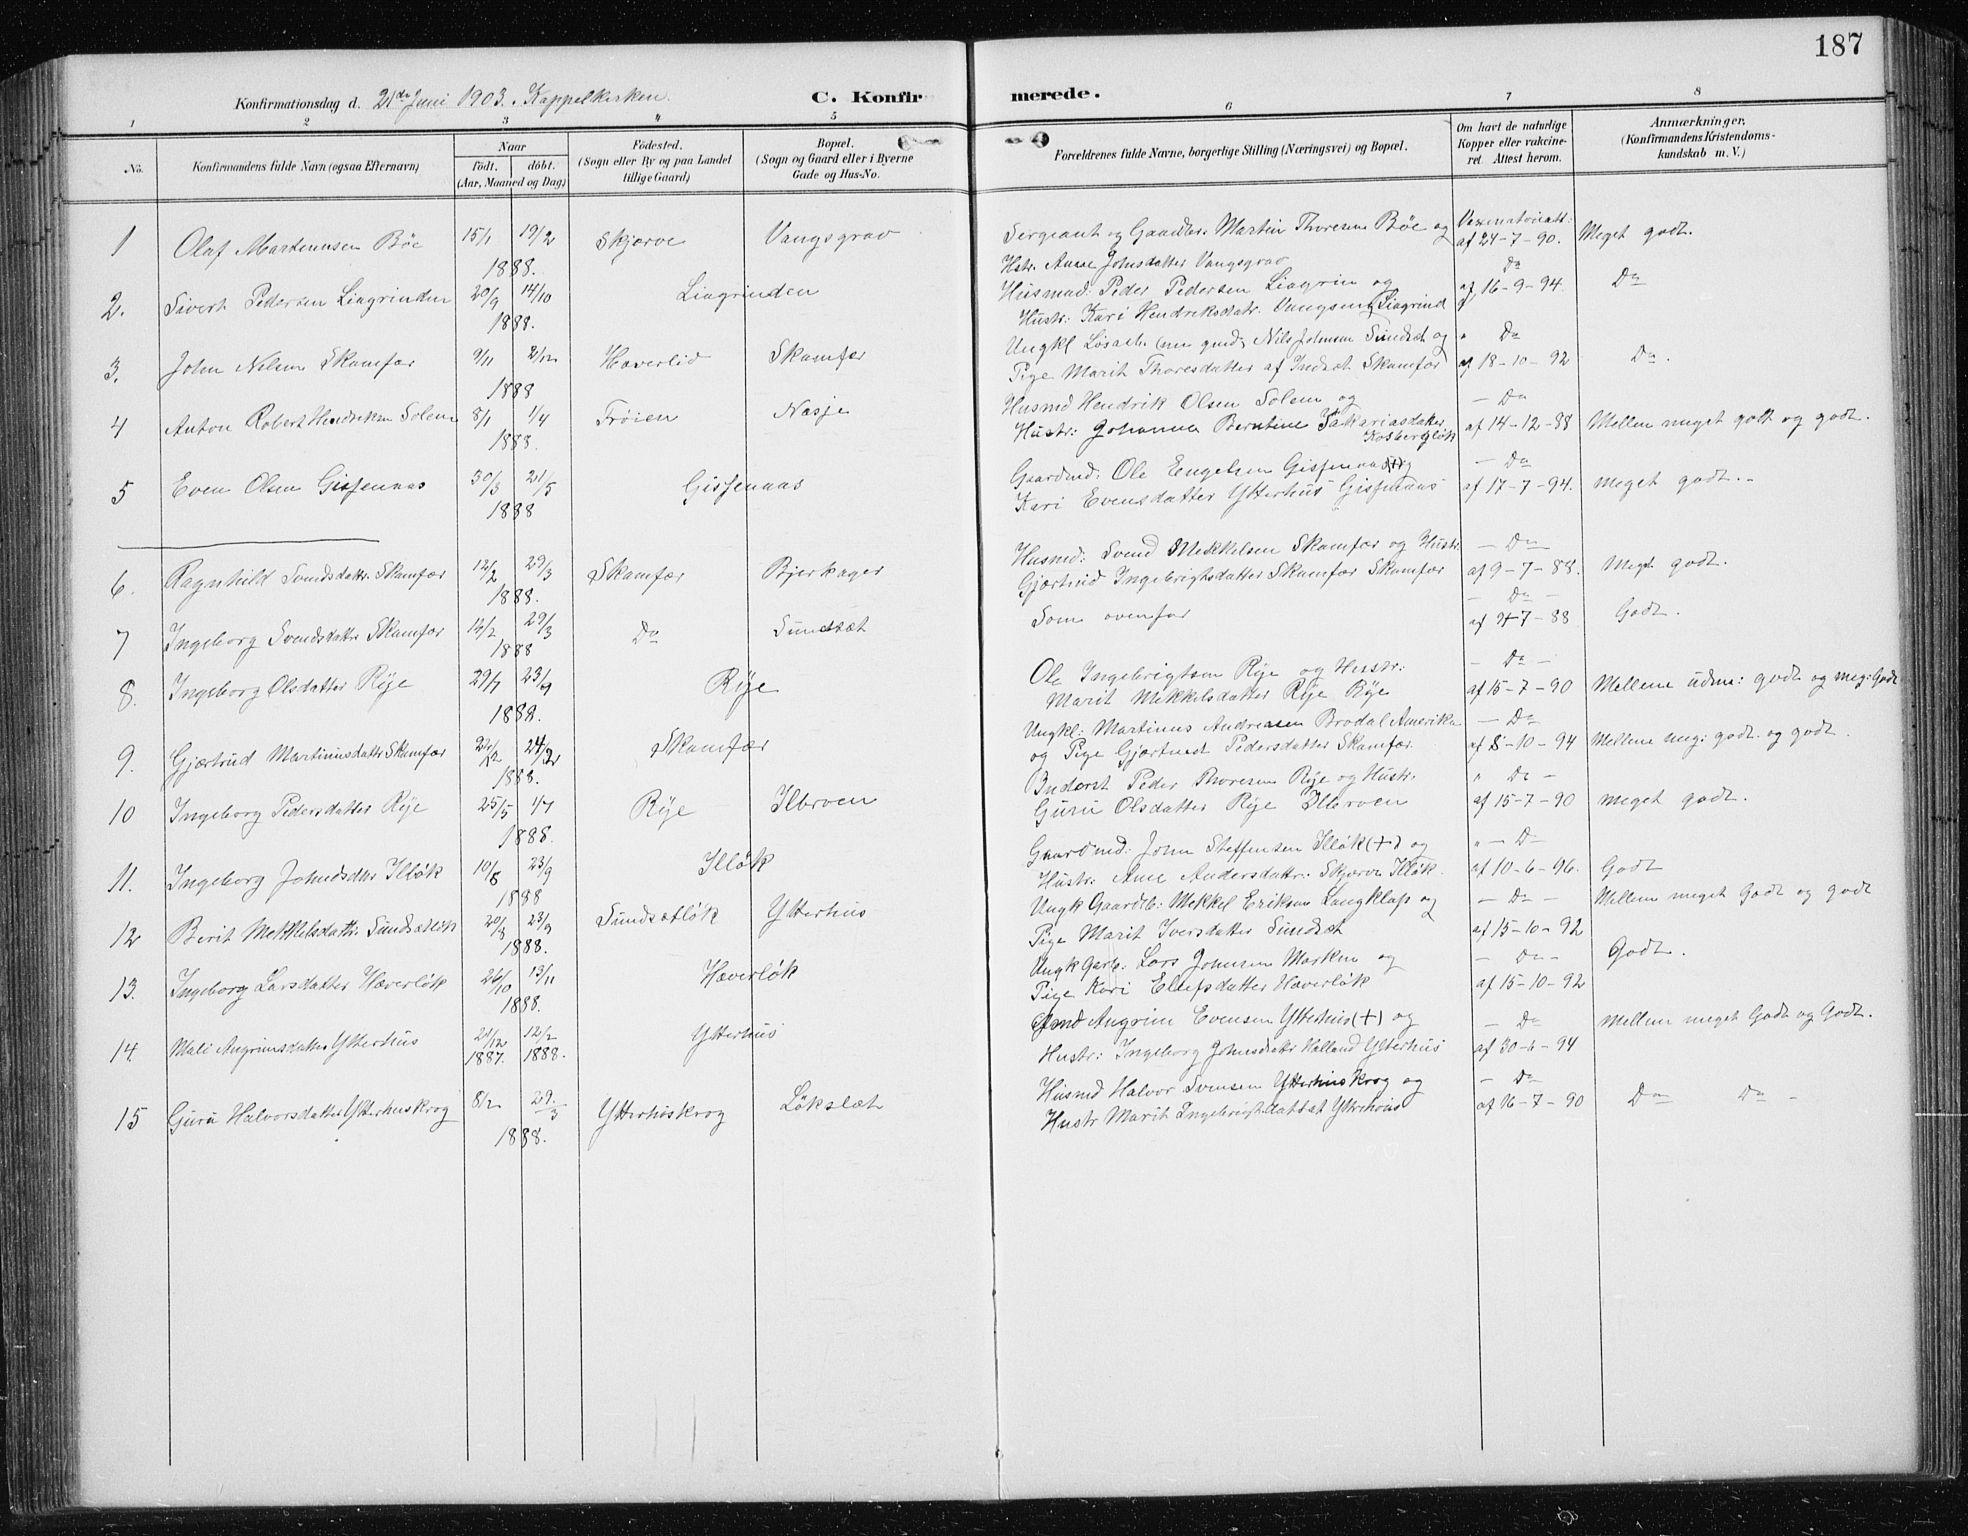 SAT, Ministerialprotokoller, klokkerbøker og fødselsregistre - Sør-Trøndelag, 674/L0876: Klokkerbok nr. 674C03, 1892-1912, s. 187